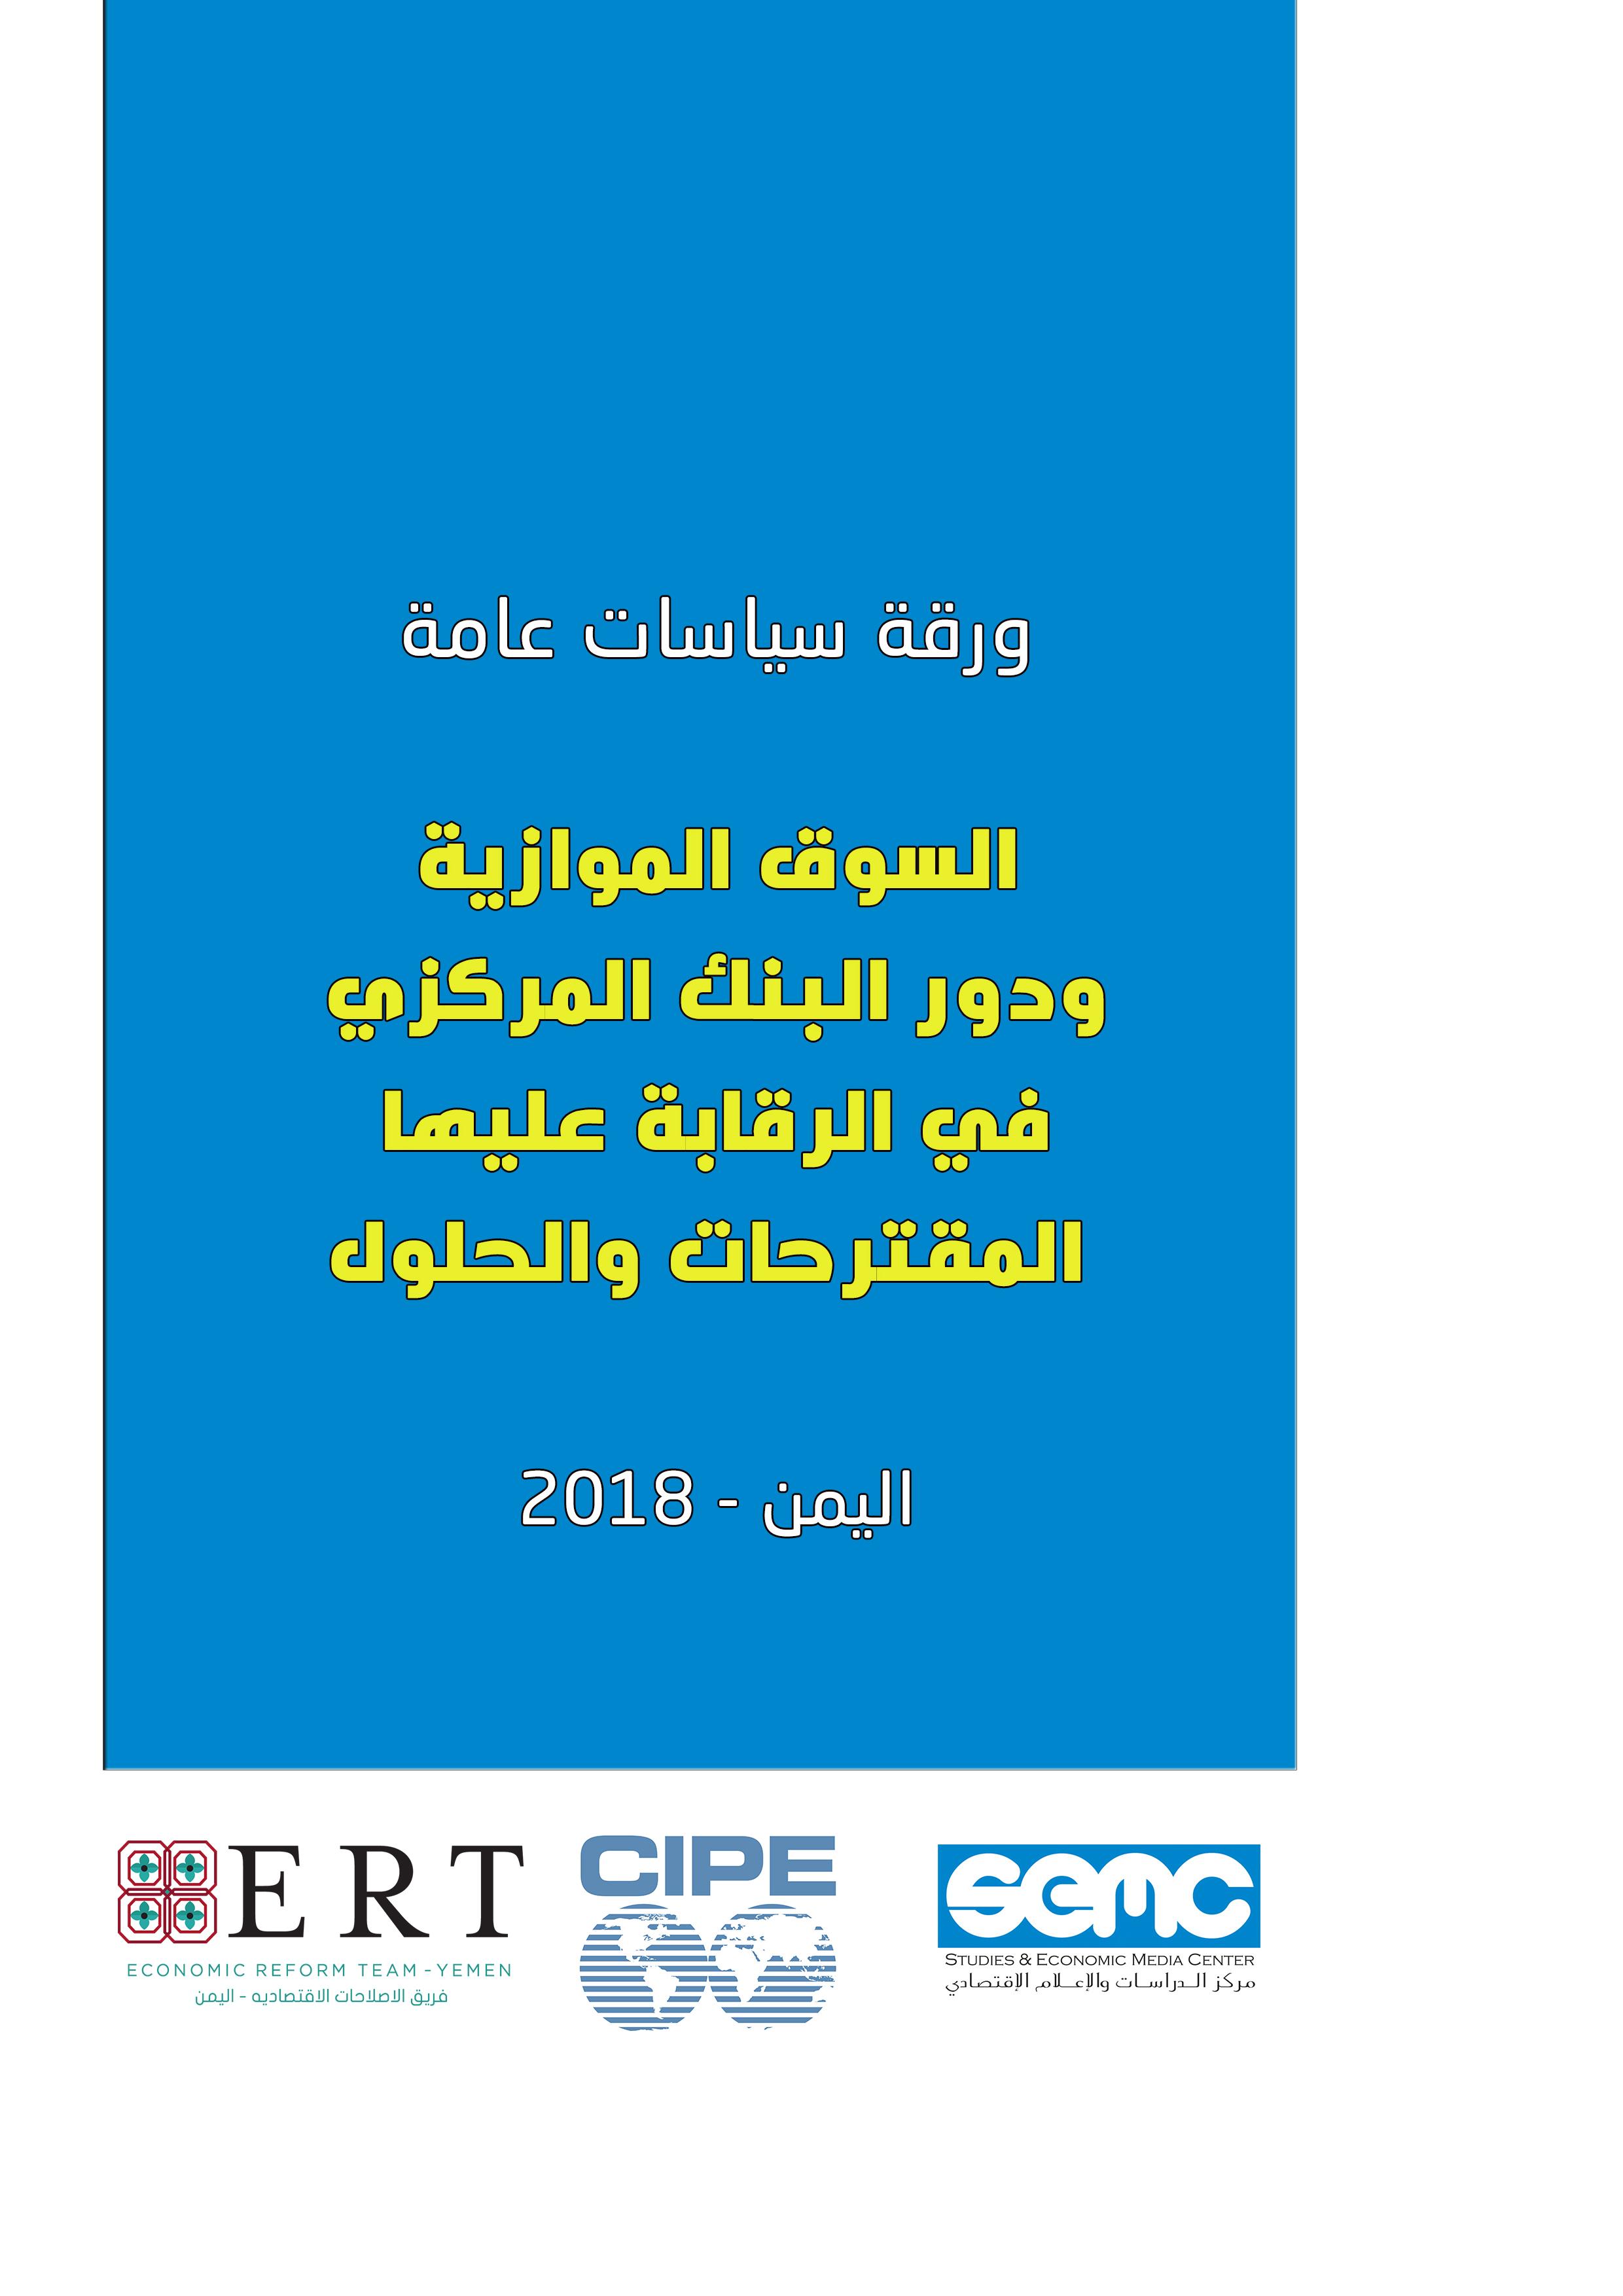 """اطلاق ورقة سياسات حول السوق الموازية """" السوداء """" ودور البنك المركزي اليمني في الرقابة عليها"""